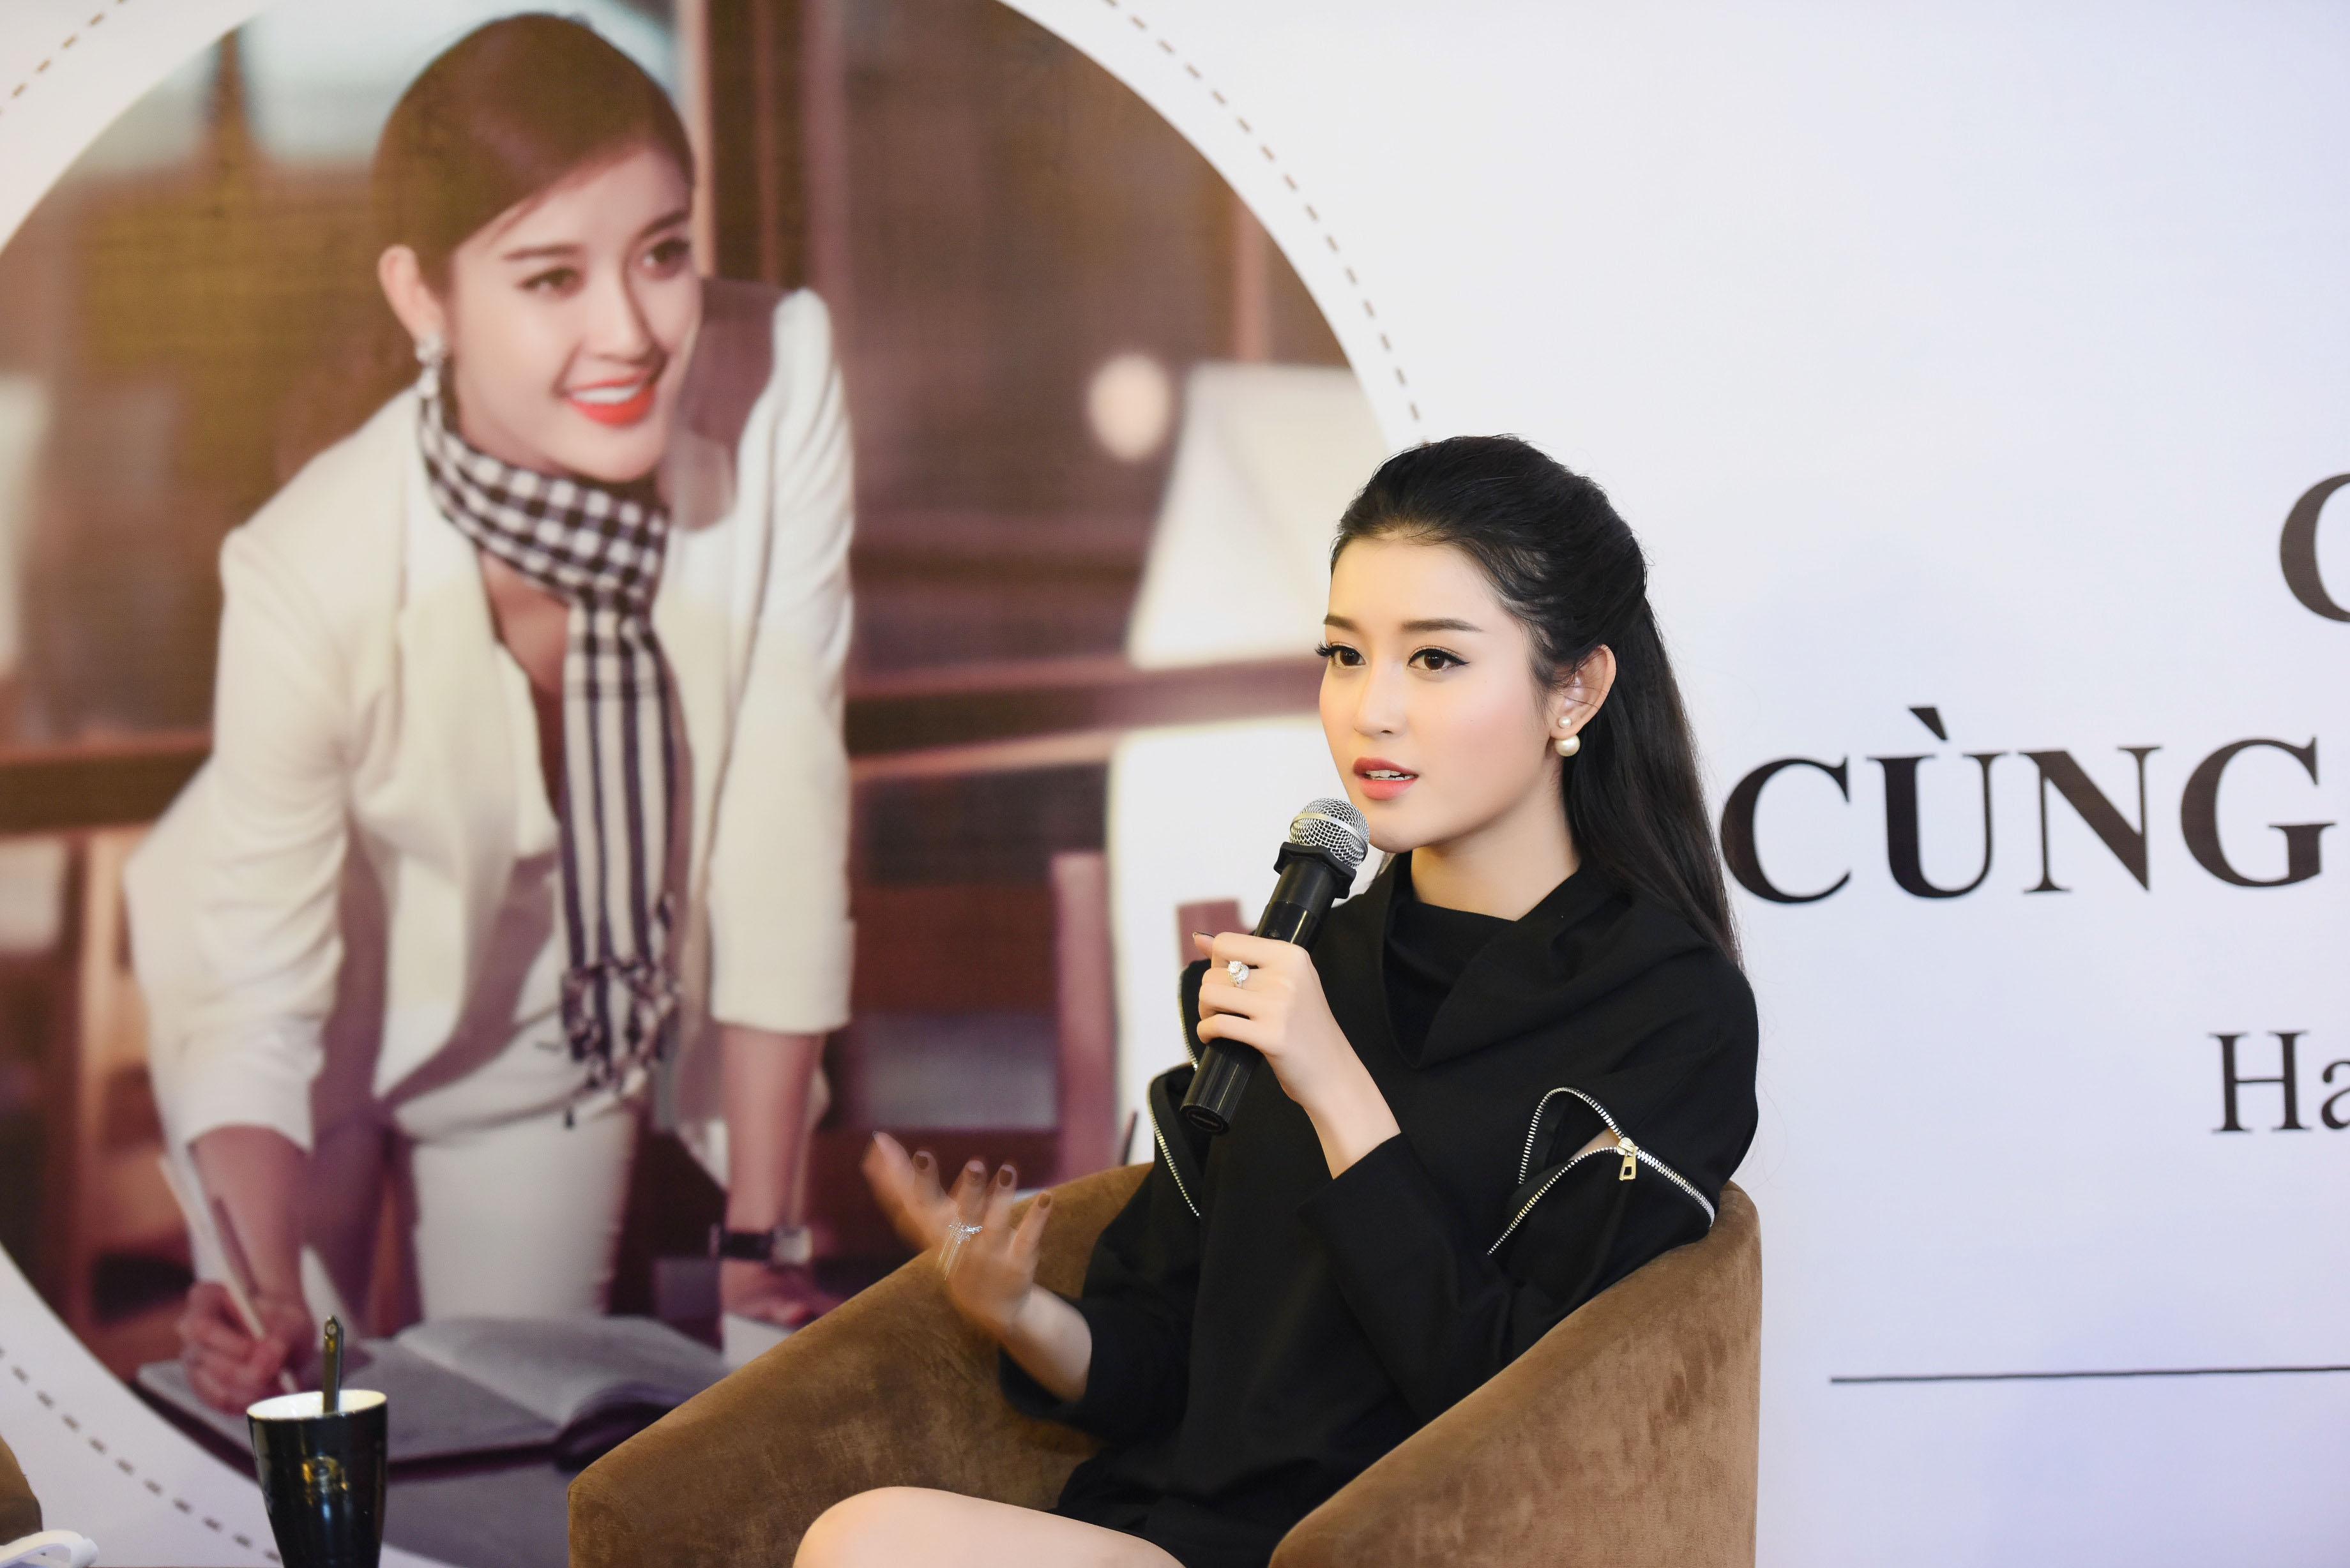 Á hậu Huyền My thổ lộ rất muốn lấy chồng trong buổi họp fans 11